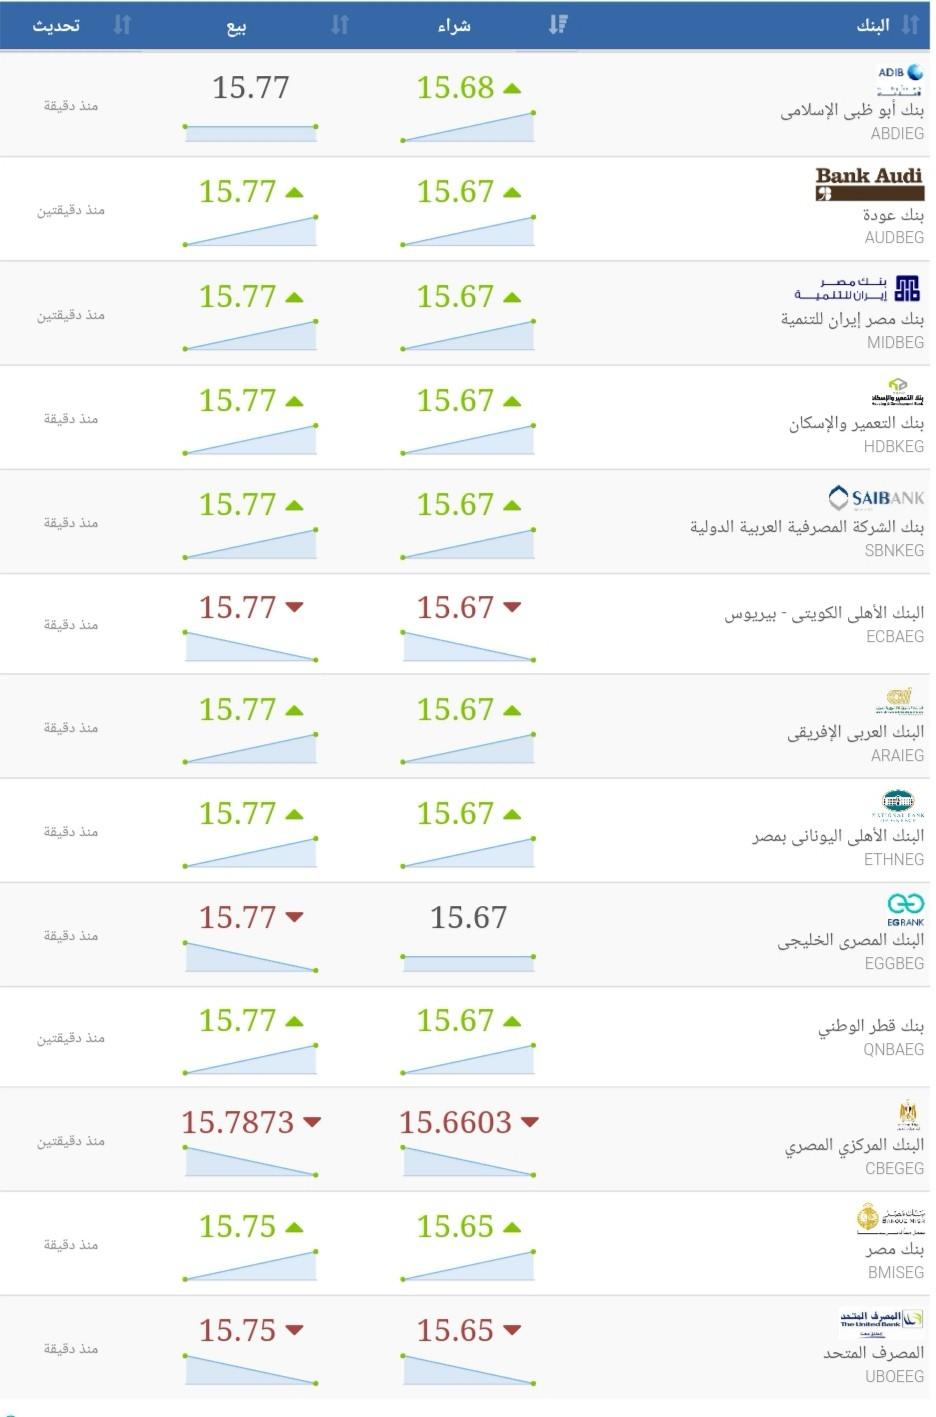 الدولار الامريكي في البنوك المصرية الان سعر الشراء وسعر البيع